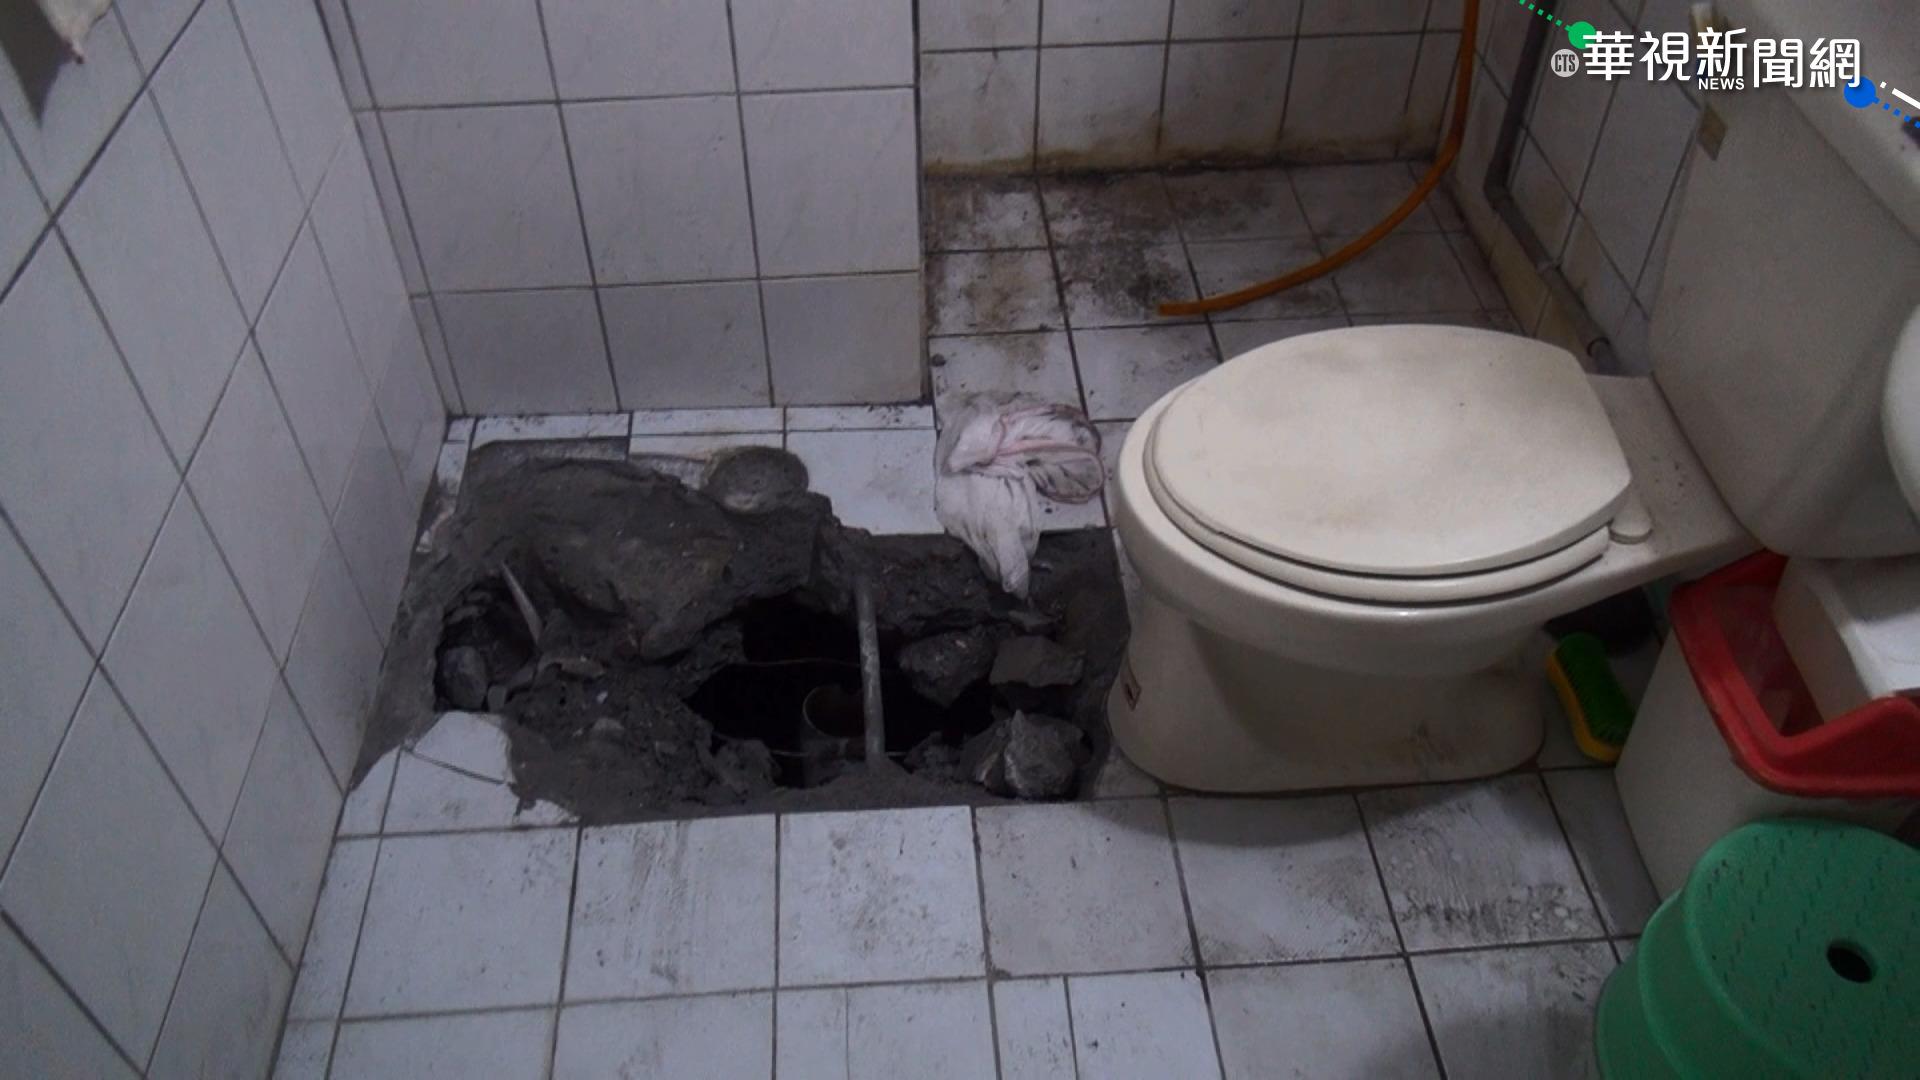 傻眼!馬桶水常倒灌 根本沒接汙水系統